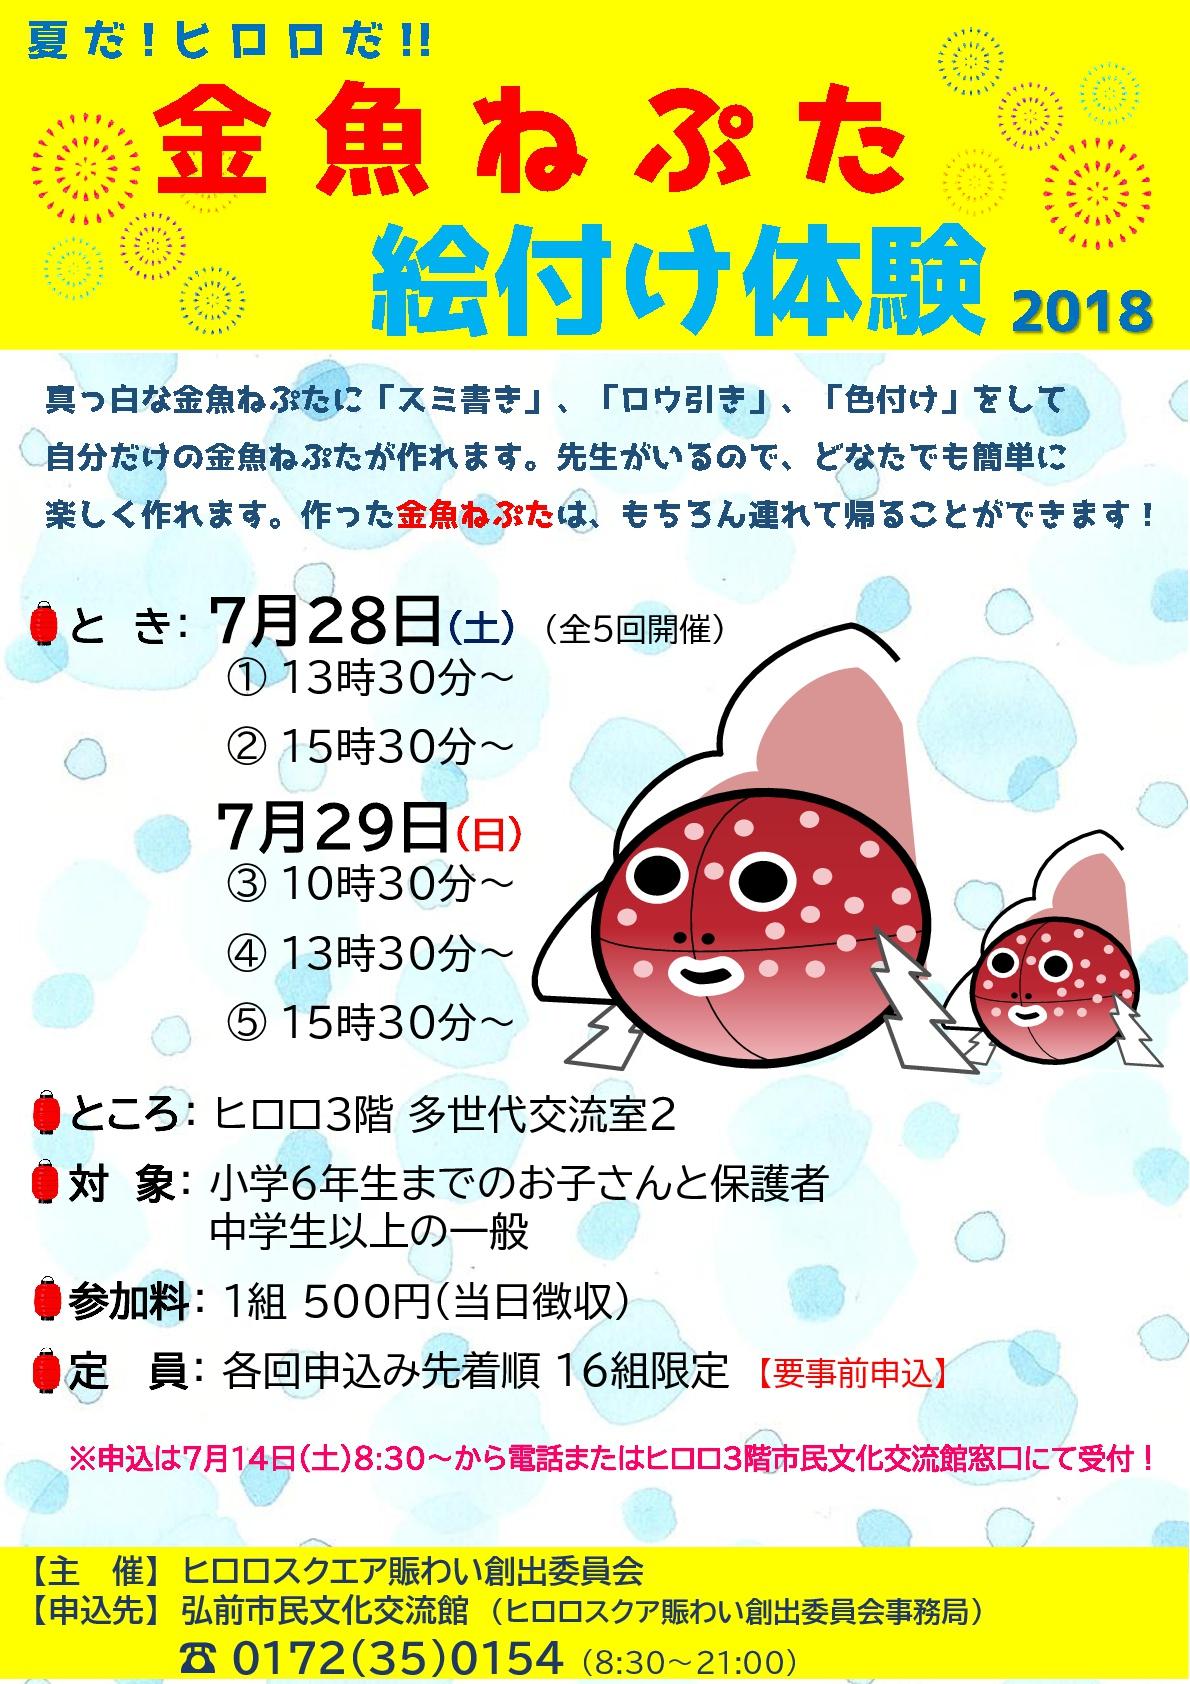 金魚ねぷた絵付け体験2018ちらしカラー-001.jpg